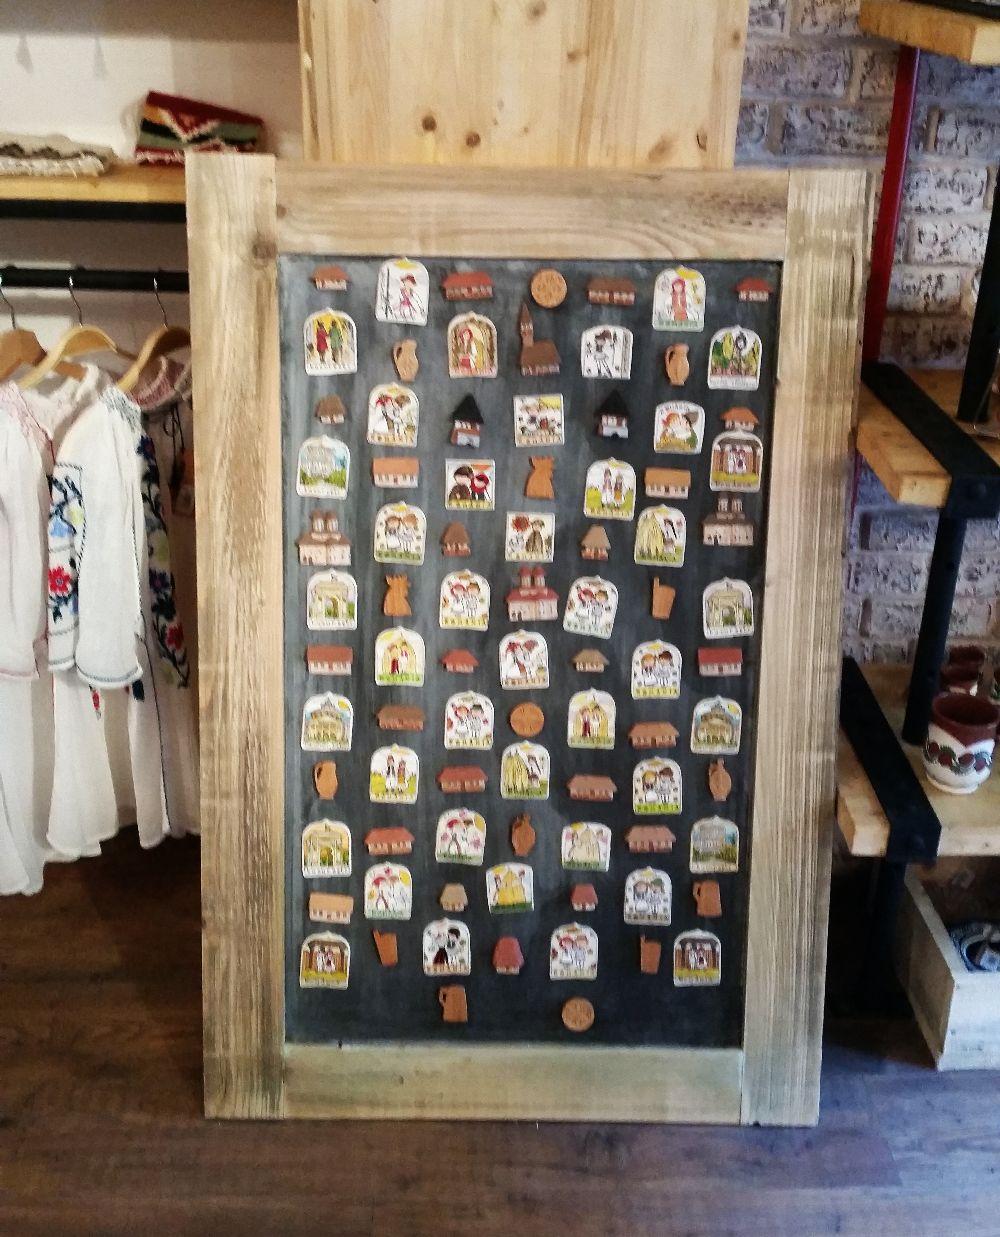 adelaparvu.com despremagazin cu obiecte traditionale, My Romanian Store Bucharest (13)